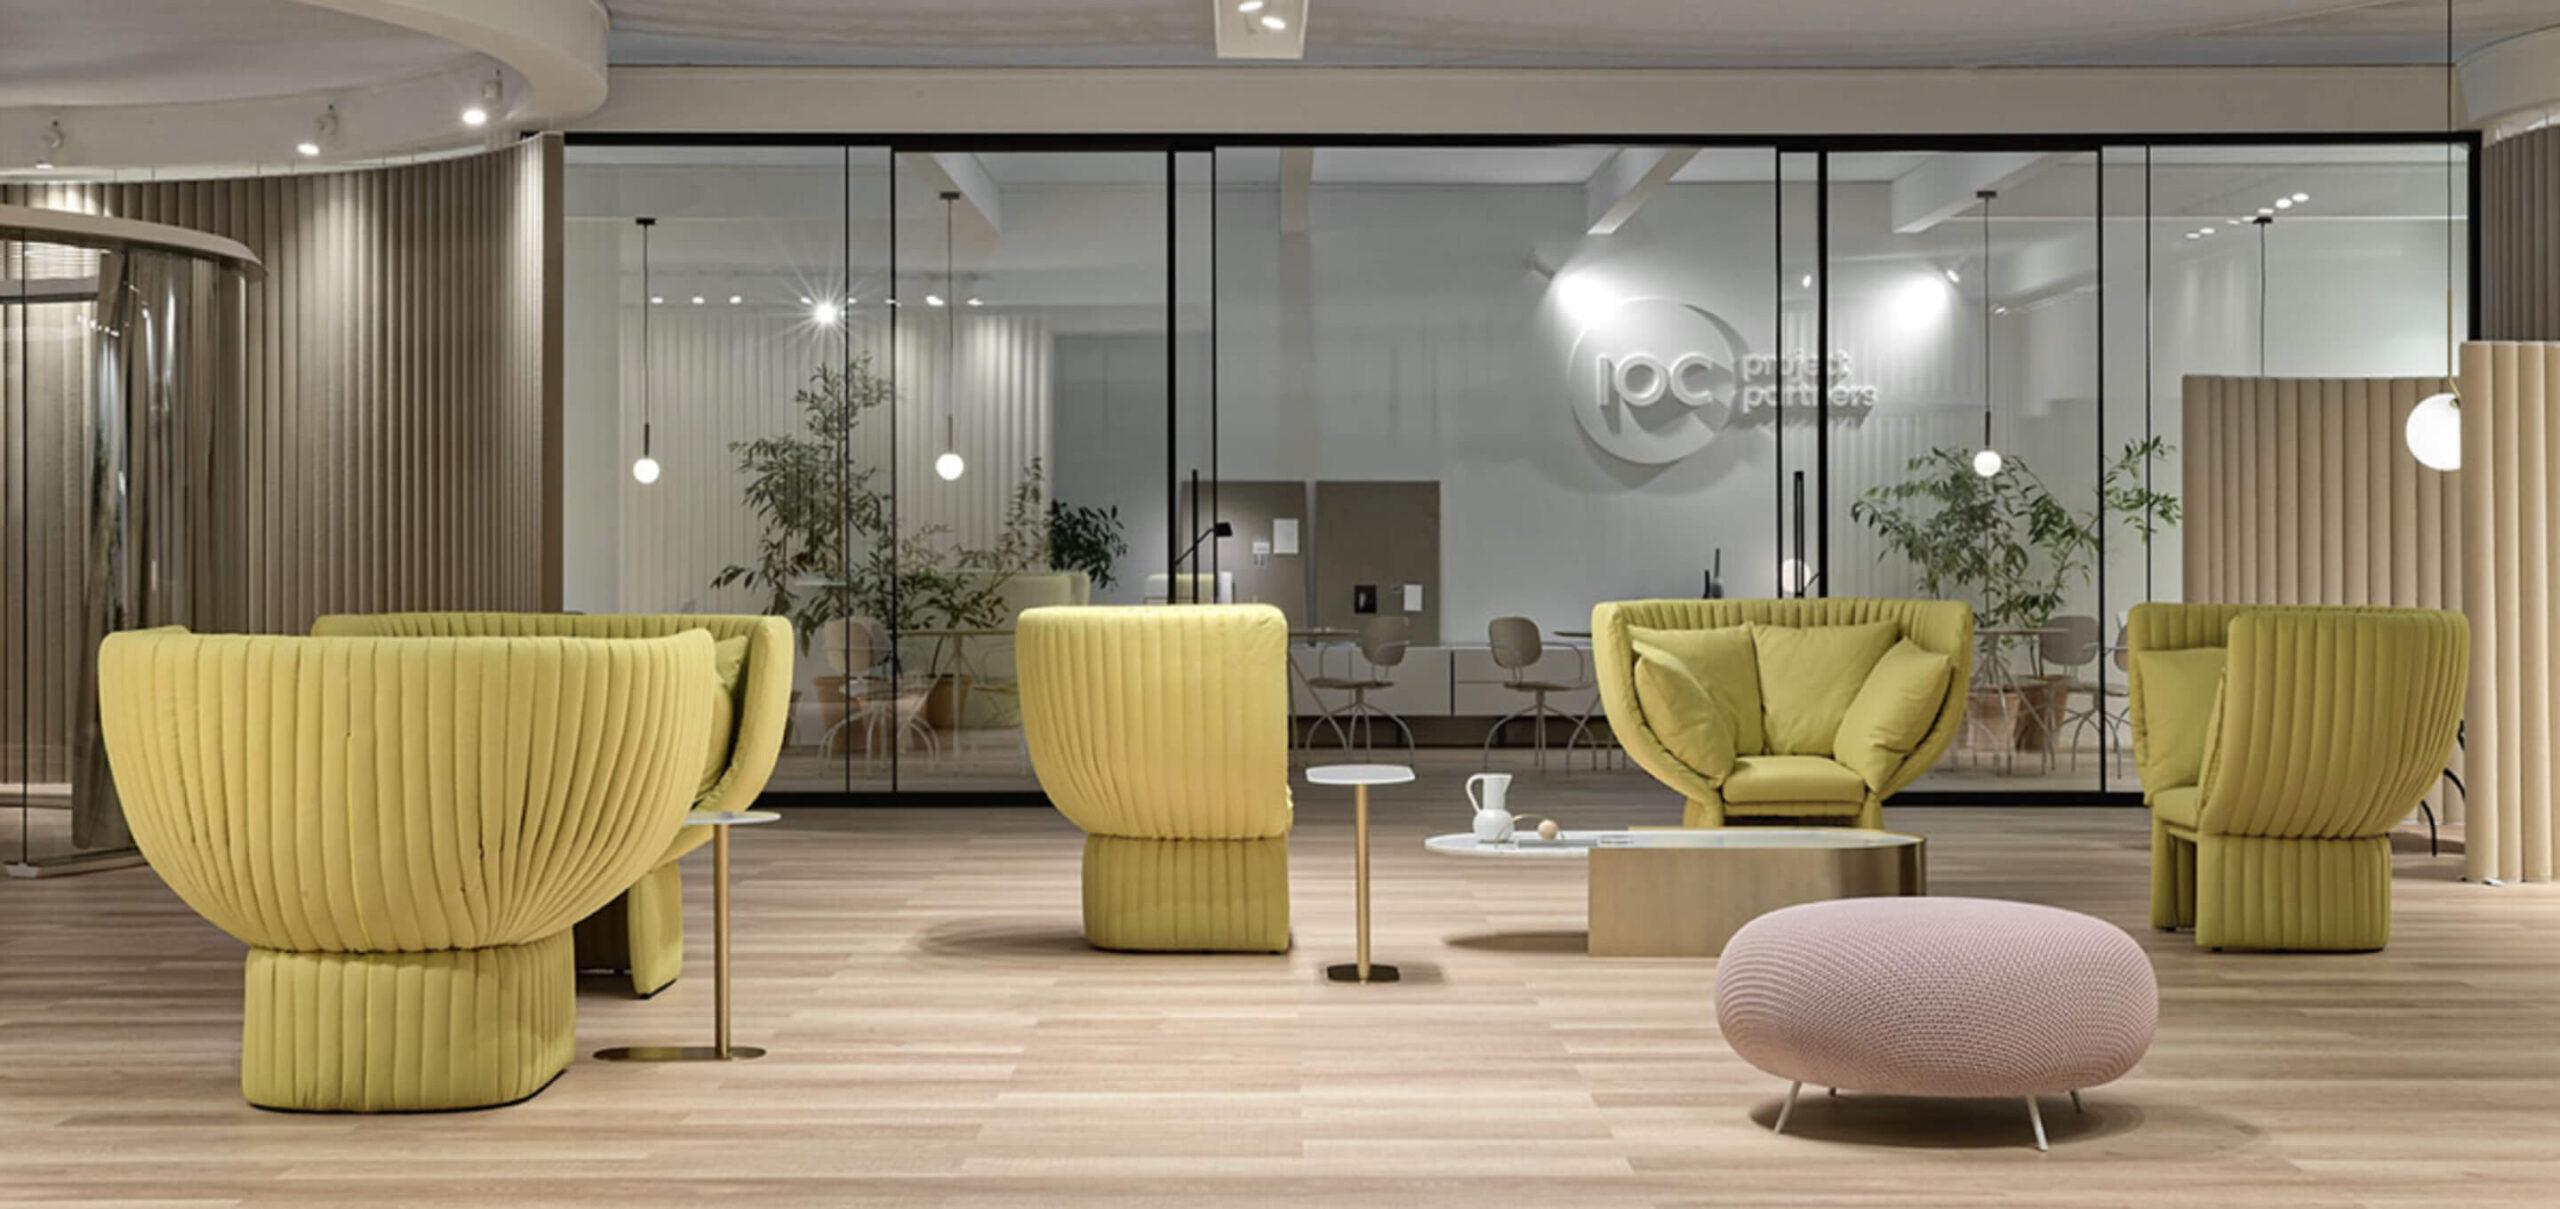 IOC S.p.a - Salone del mobile Milano